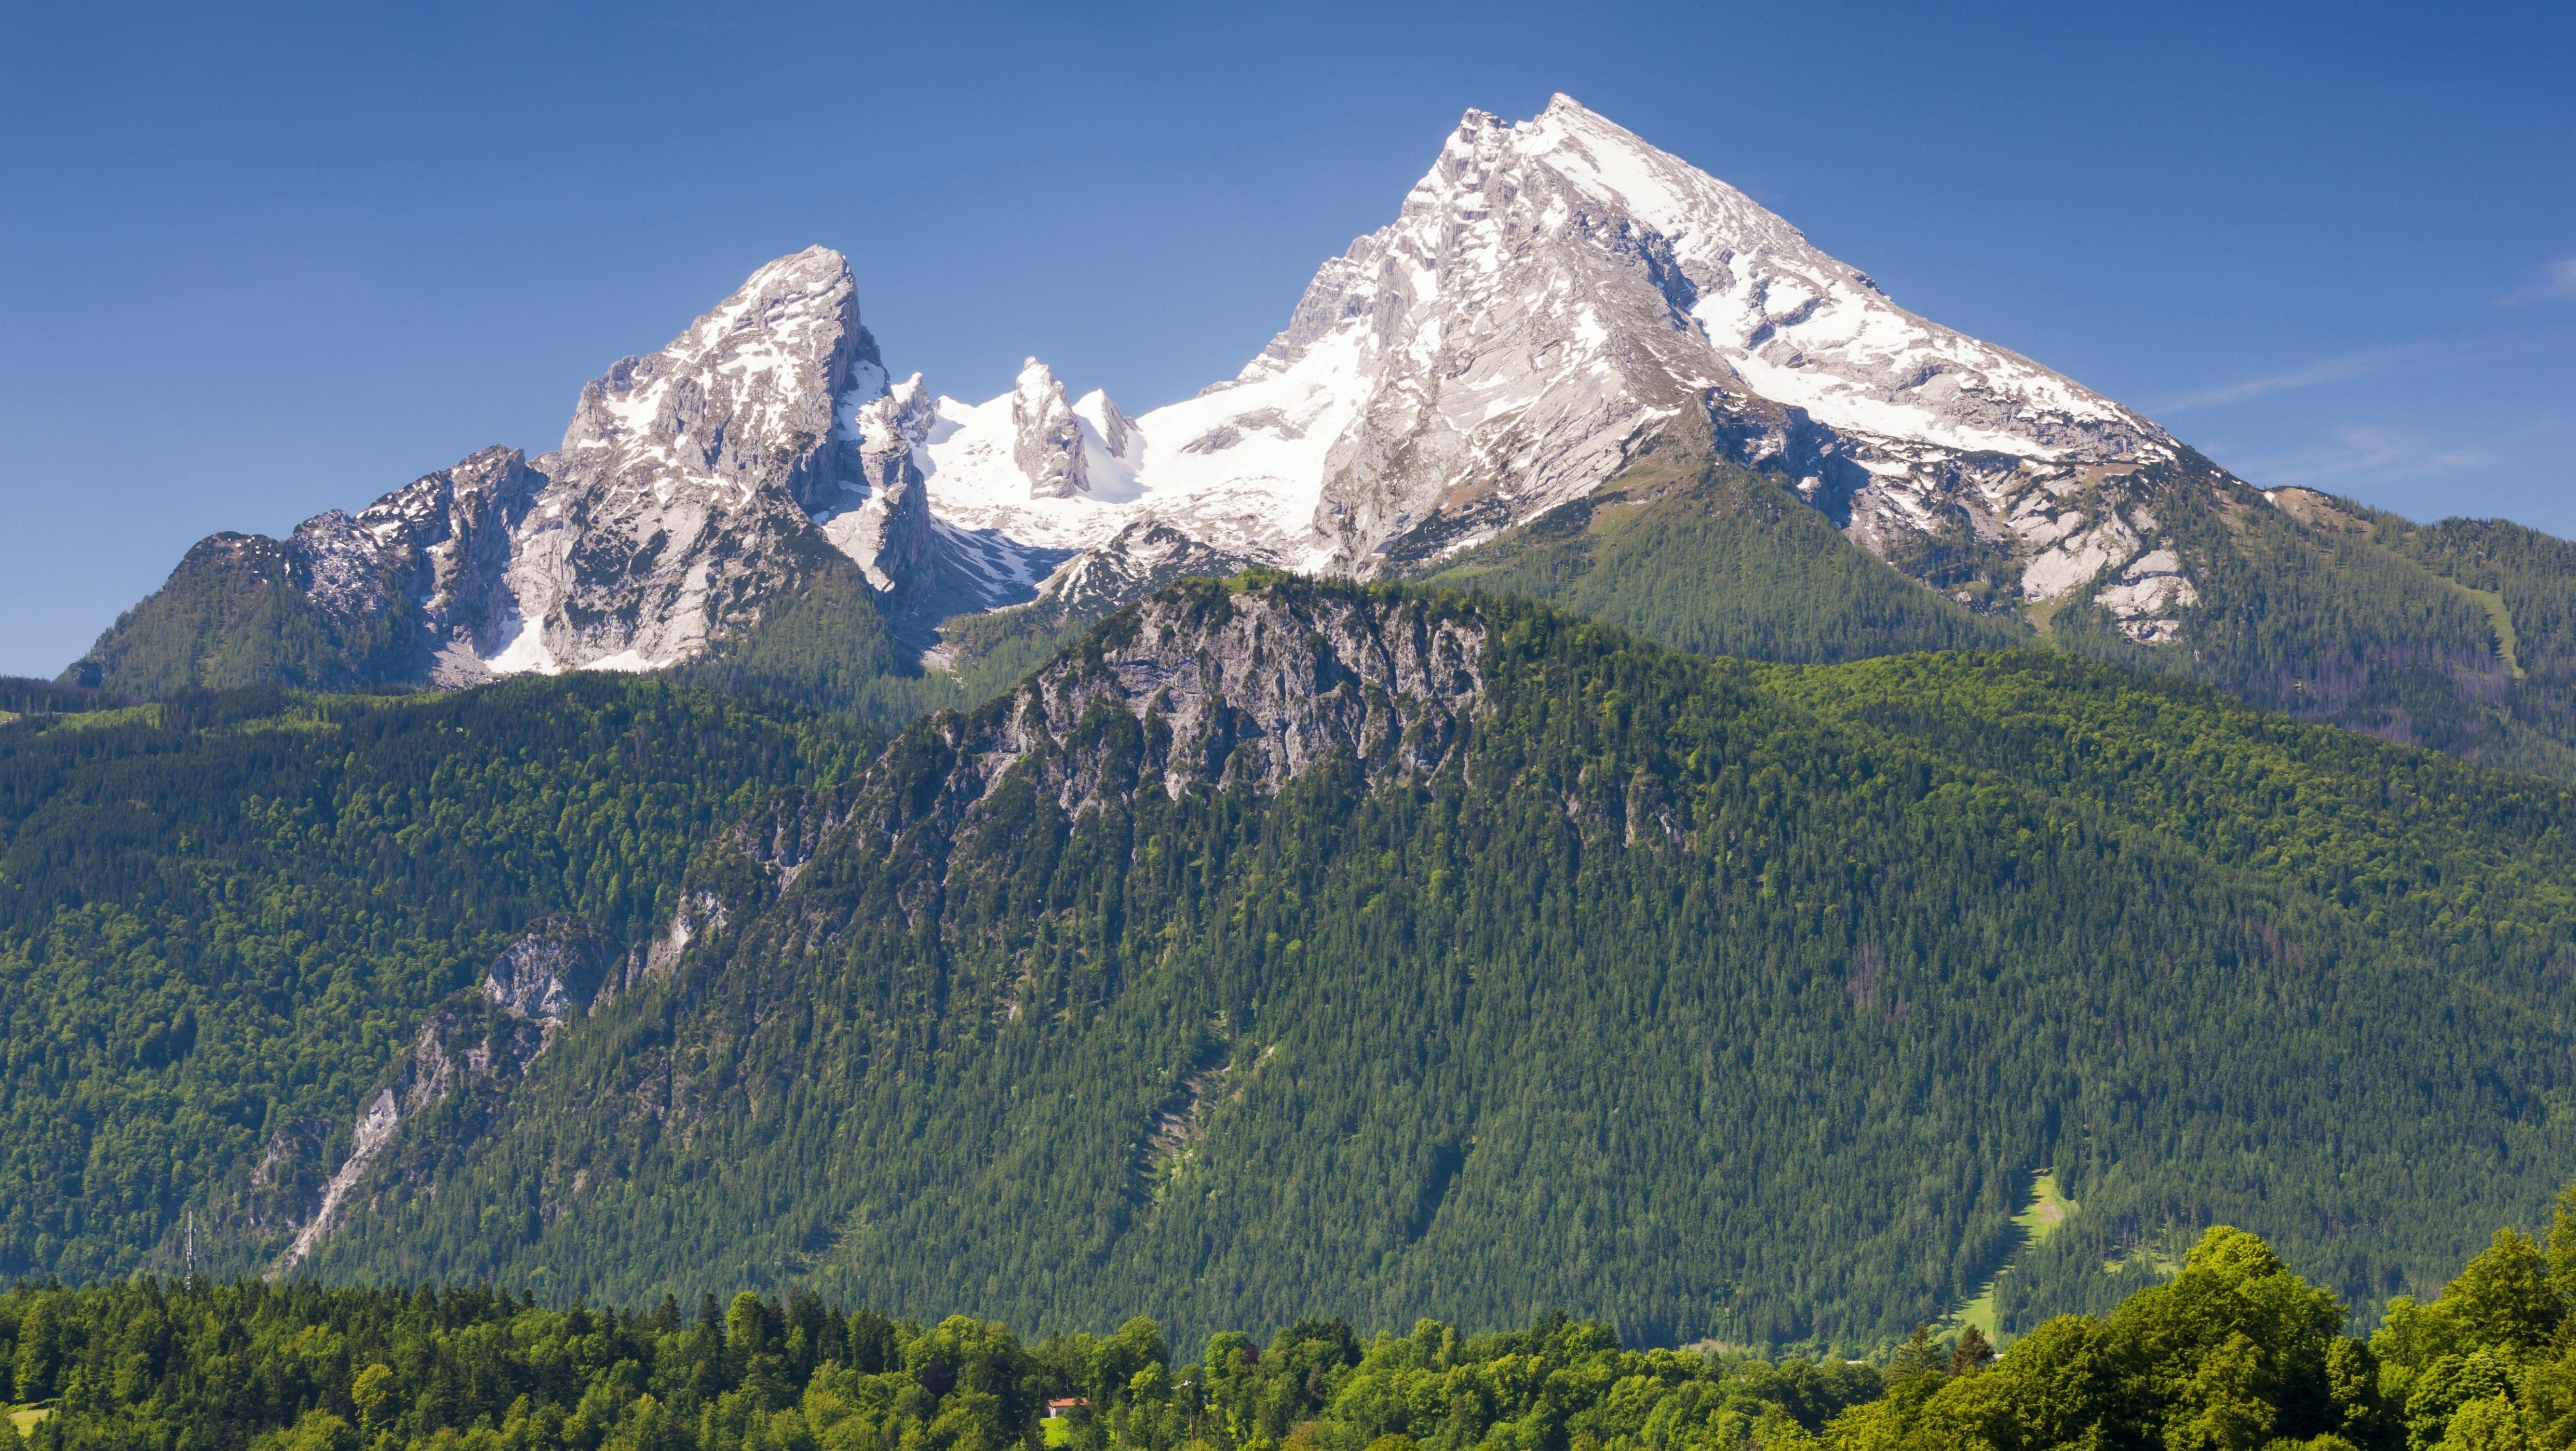 Blick auf den Watzmann im Frühsommer. Auf den Gipfeln ist noch Schnee zu sehen.